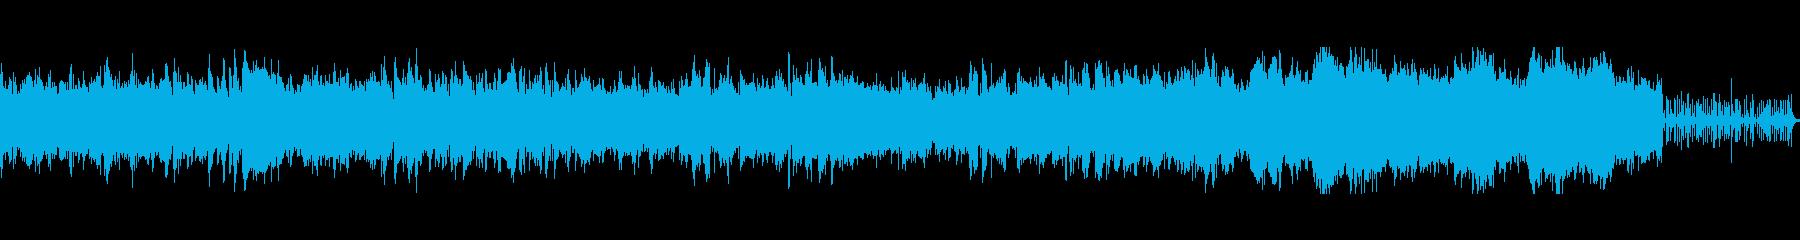 躍動感のあるメロディの疾走系ケルトの再生済みの波形